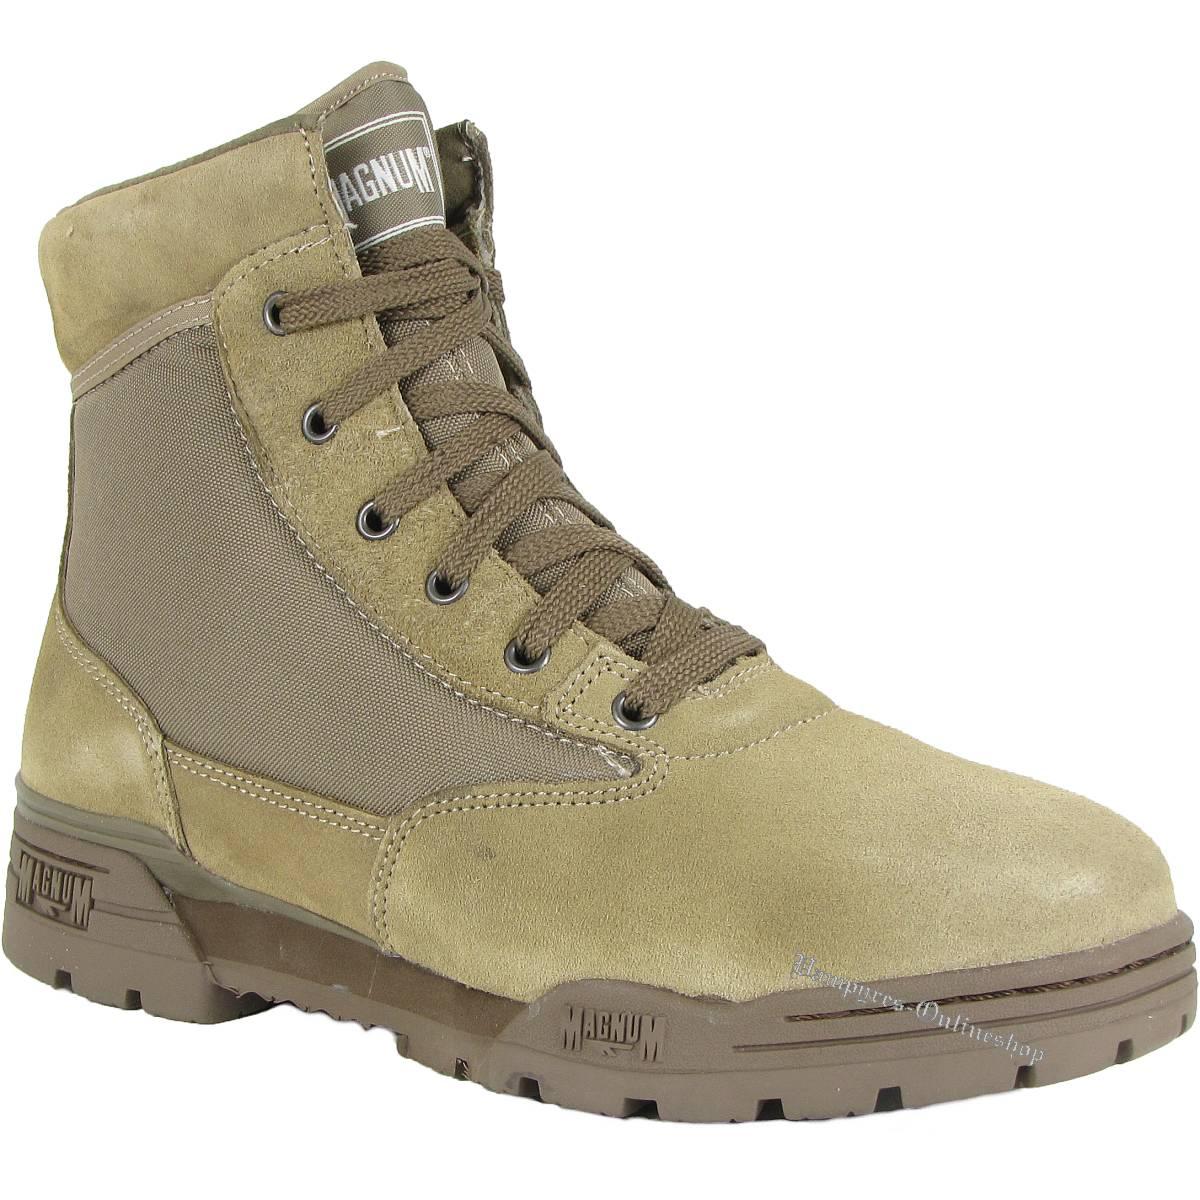 Magnum (Hi-Tec) Mid Mud Braun Schuhe Wildleder Stiefel